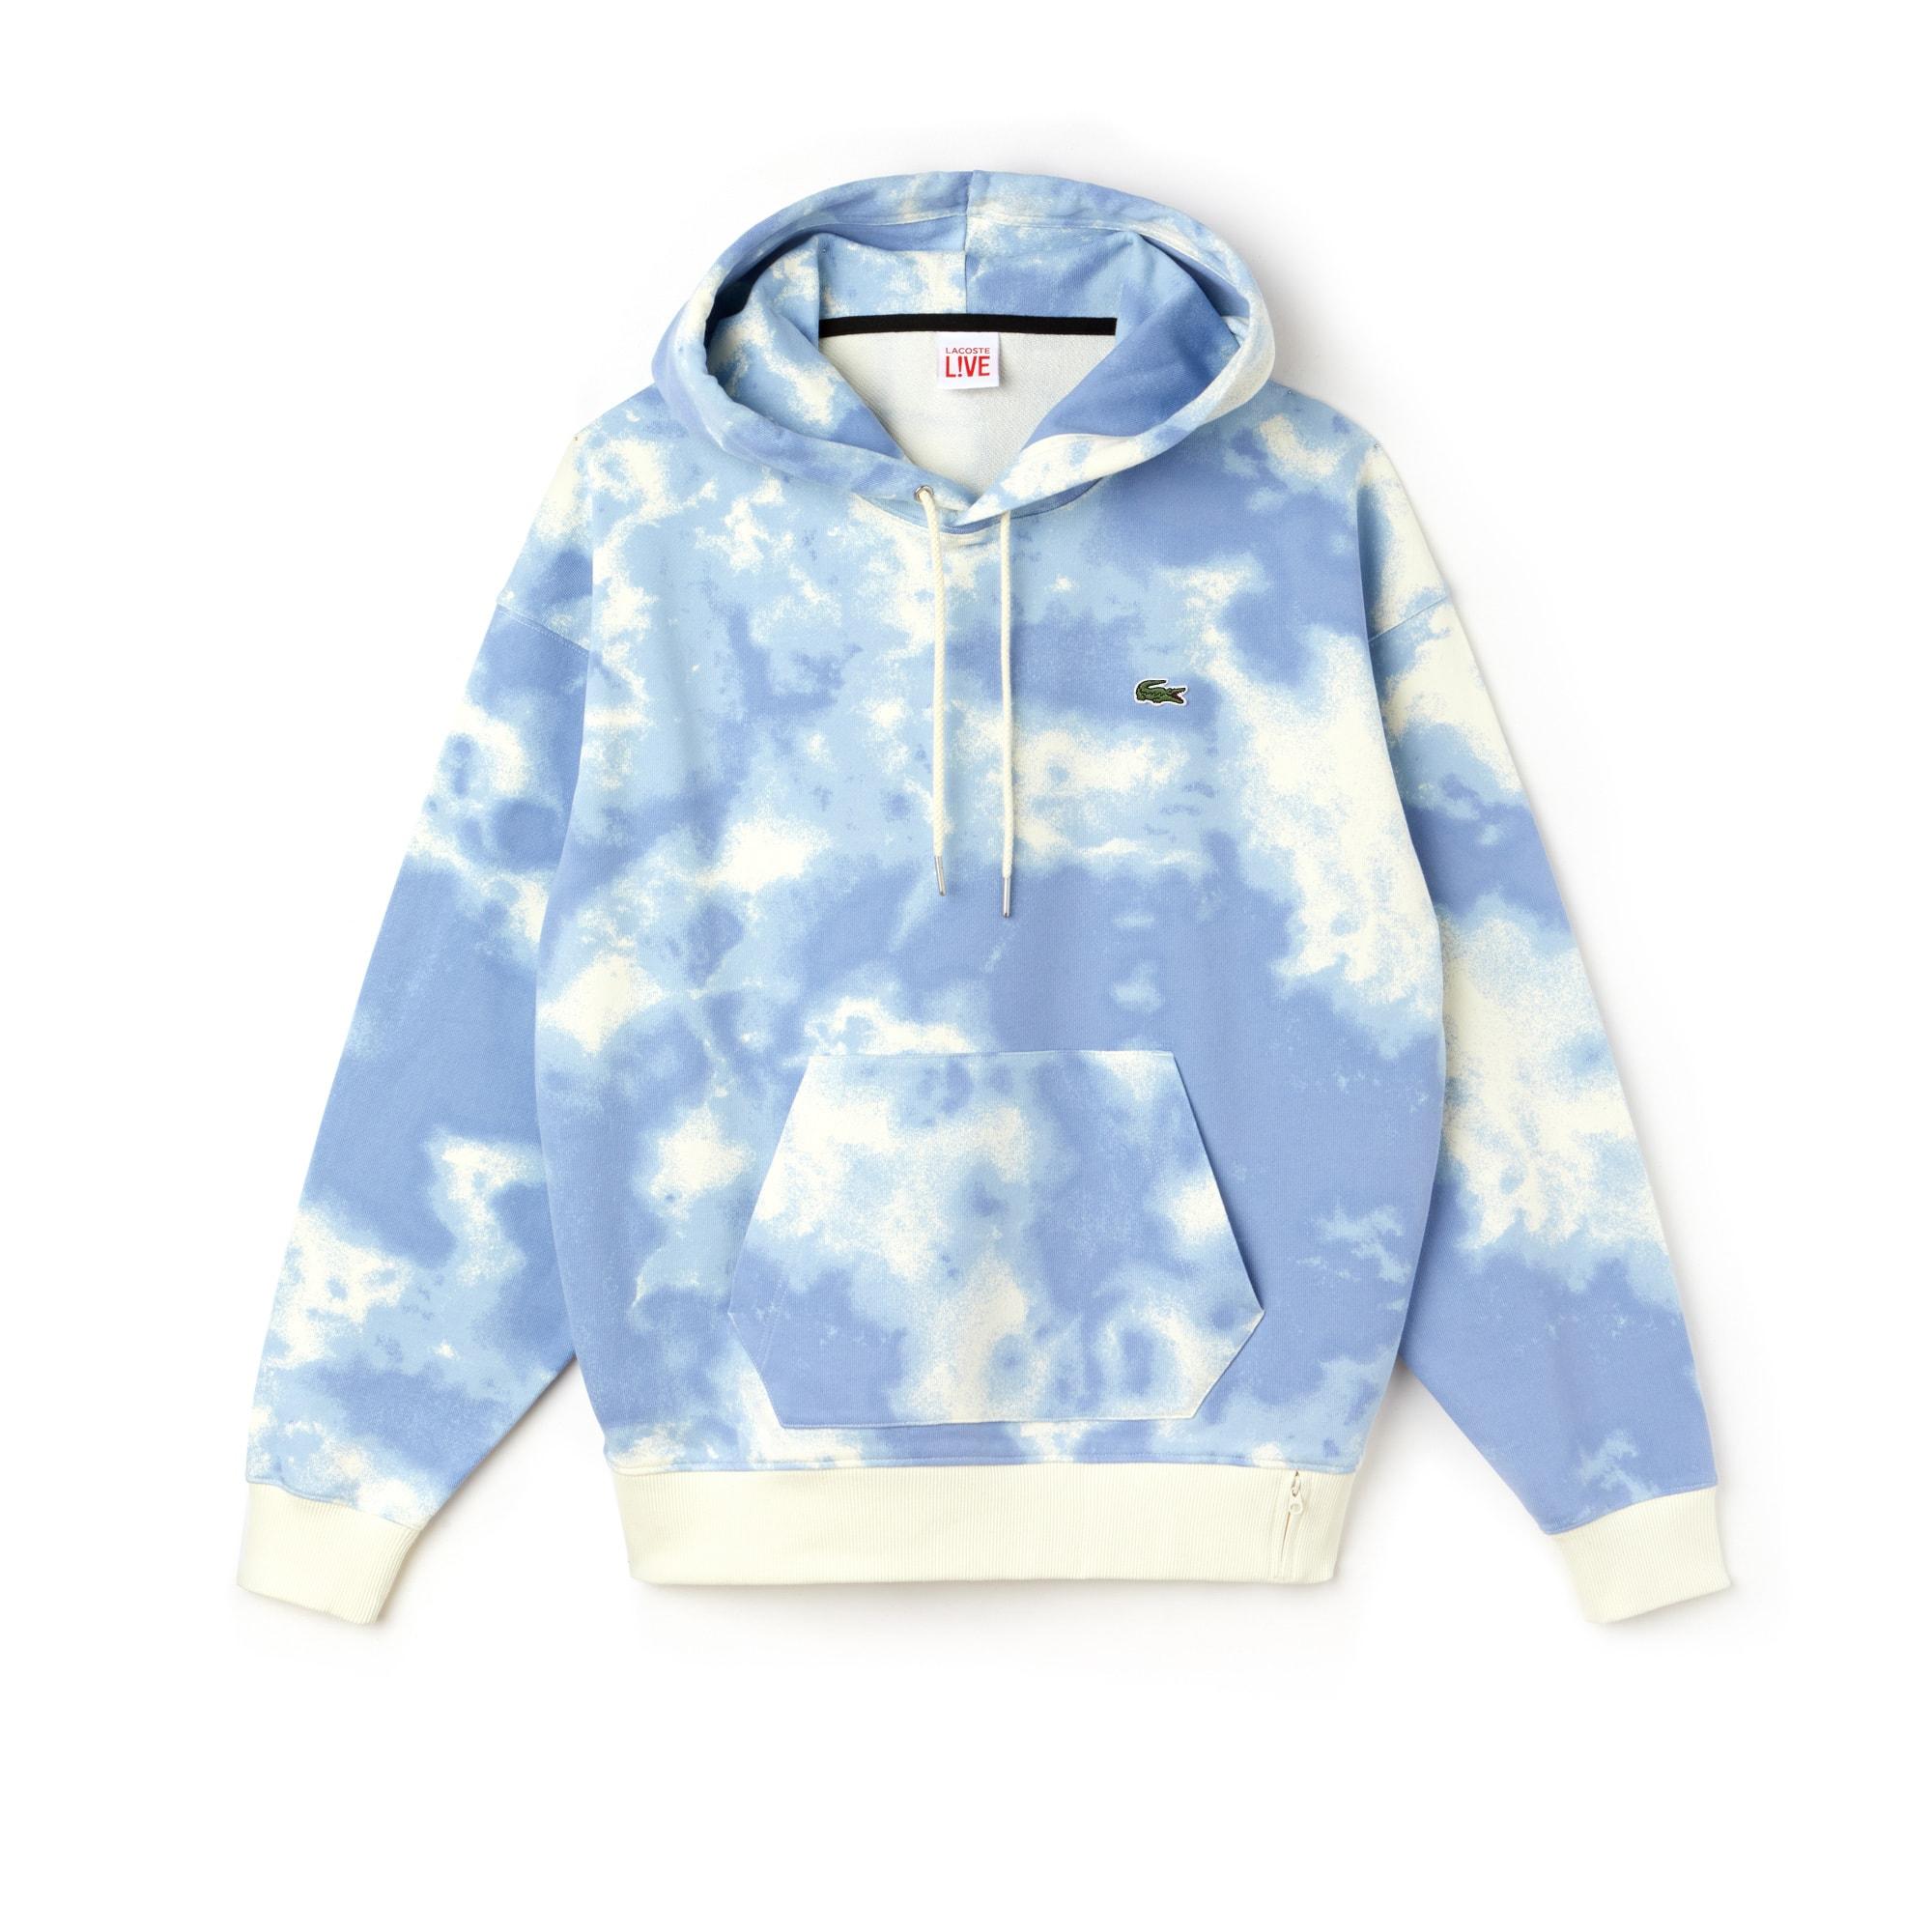 Sweatshirt à capuche Lacoste LIVE en molleton imprimé nuages